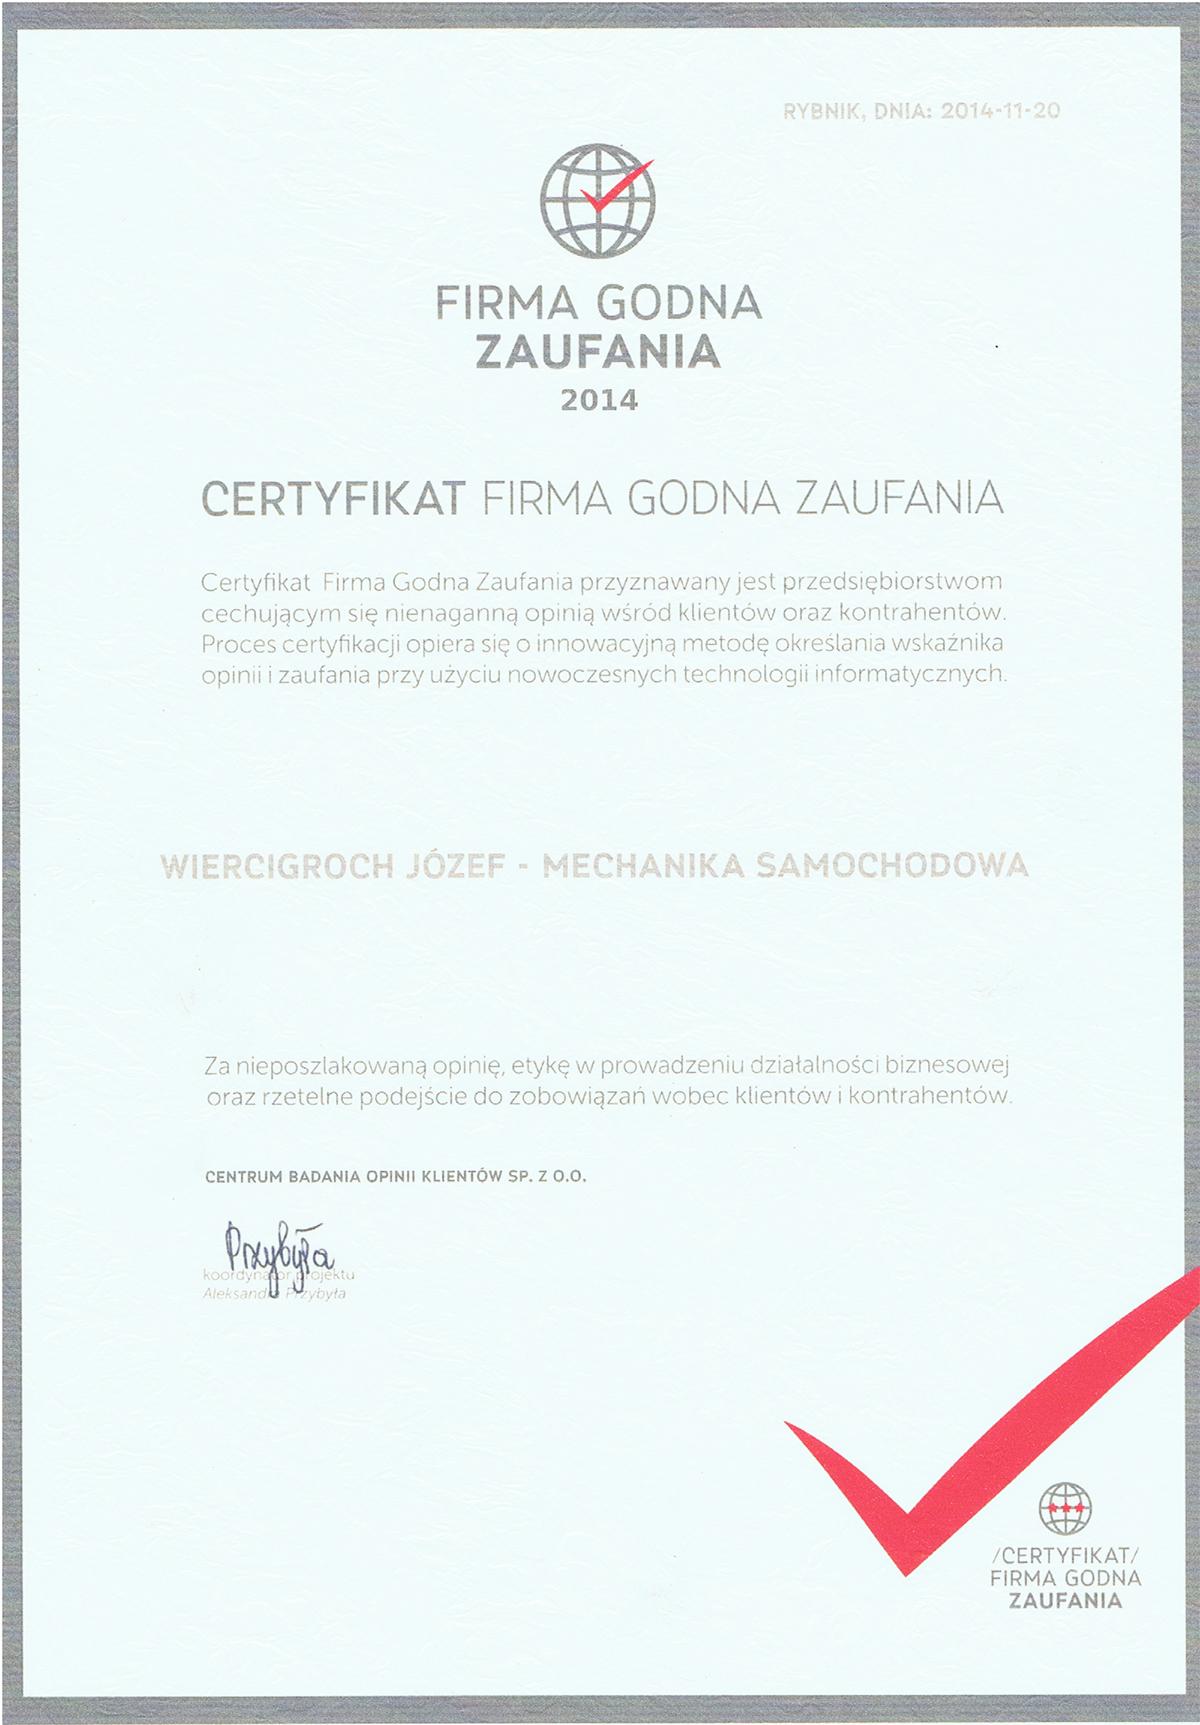 certyfikat (3)